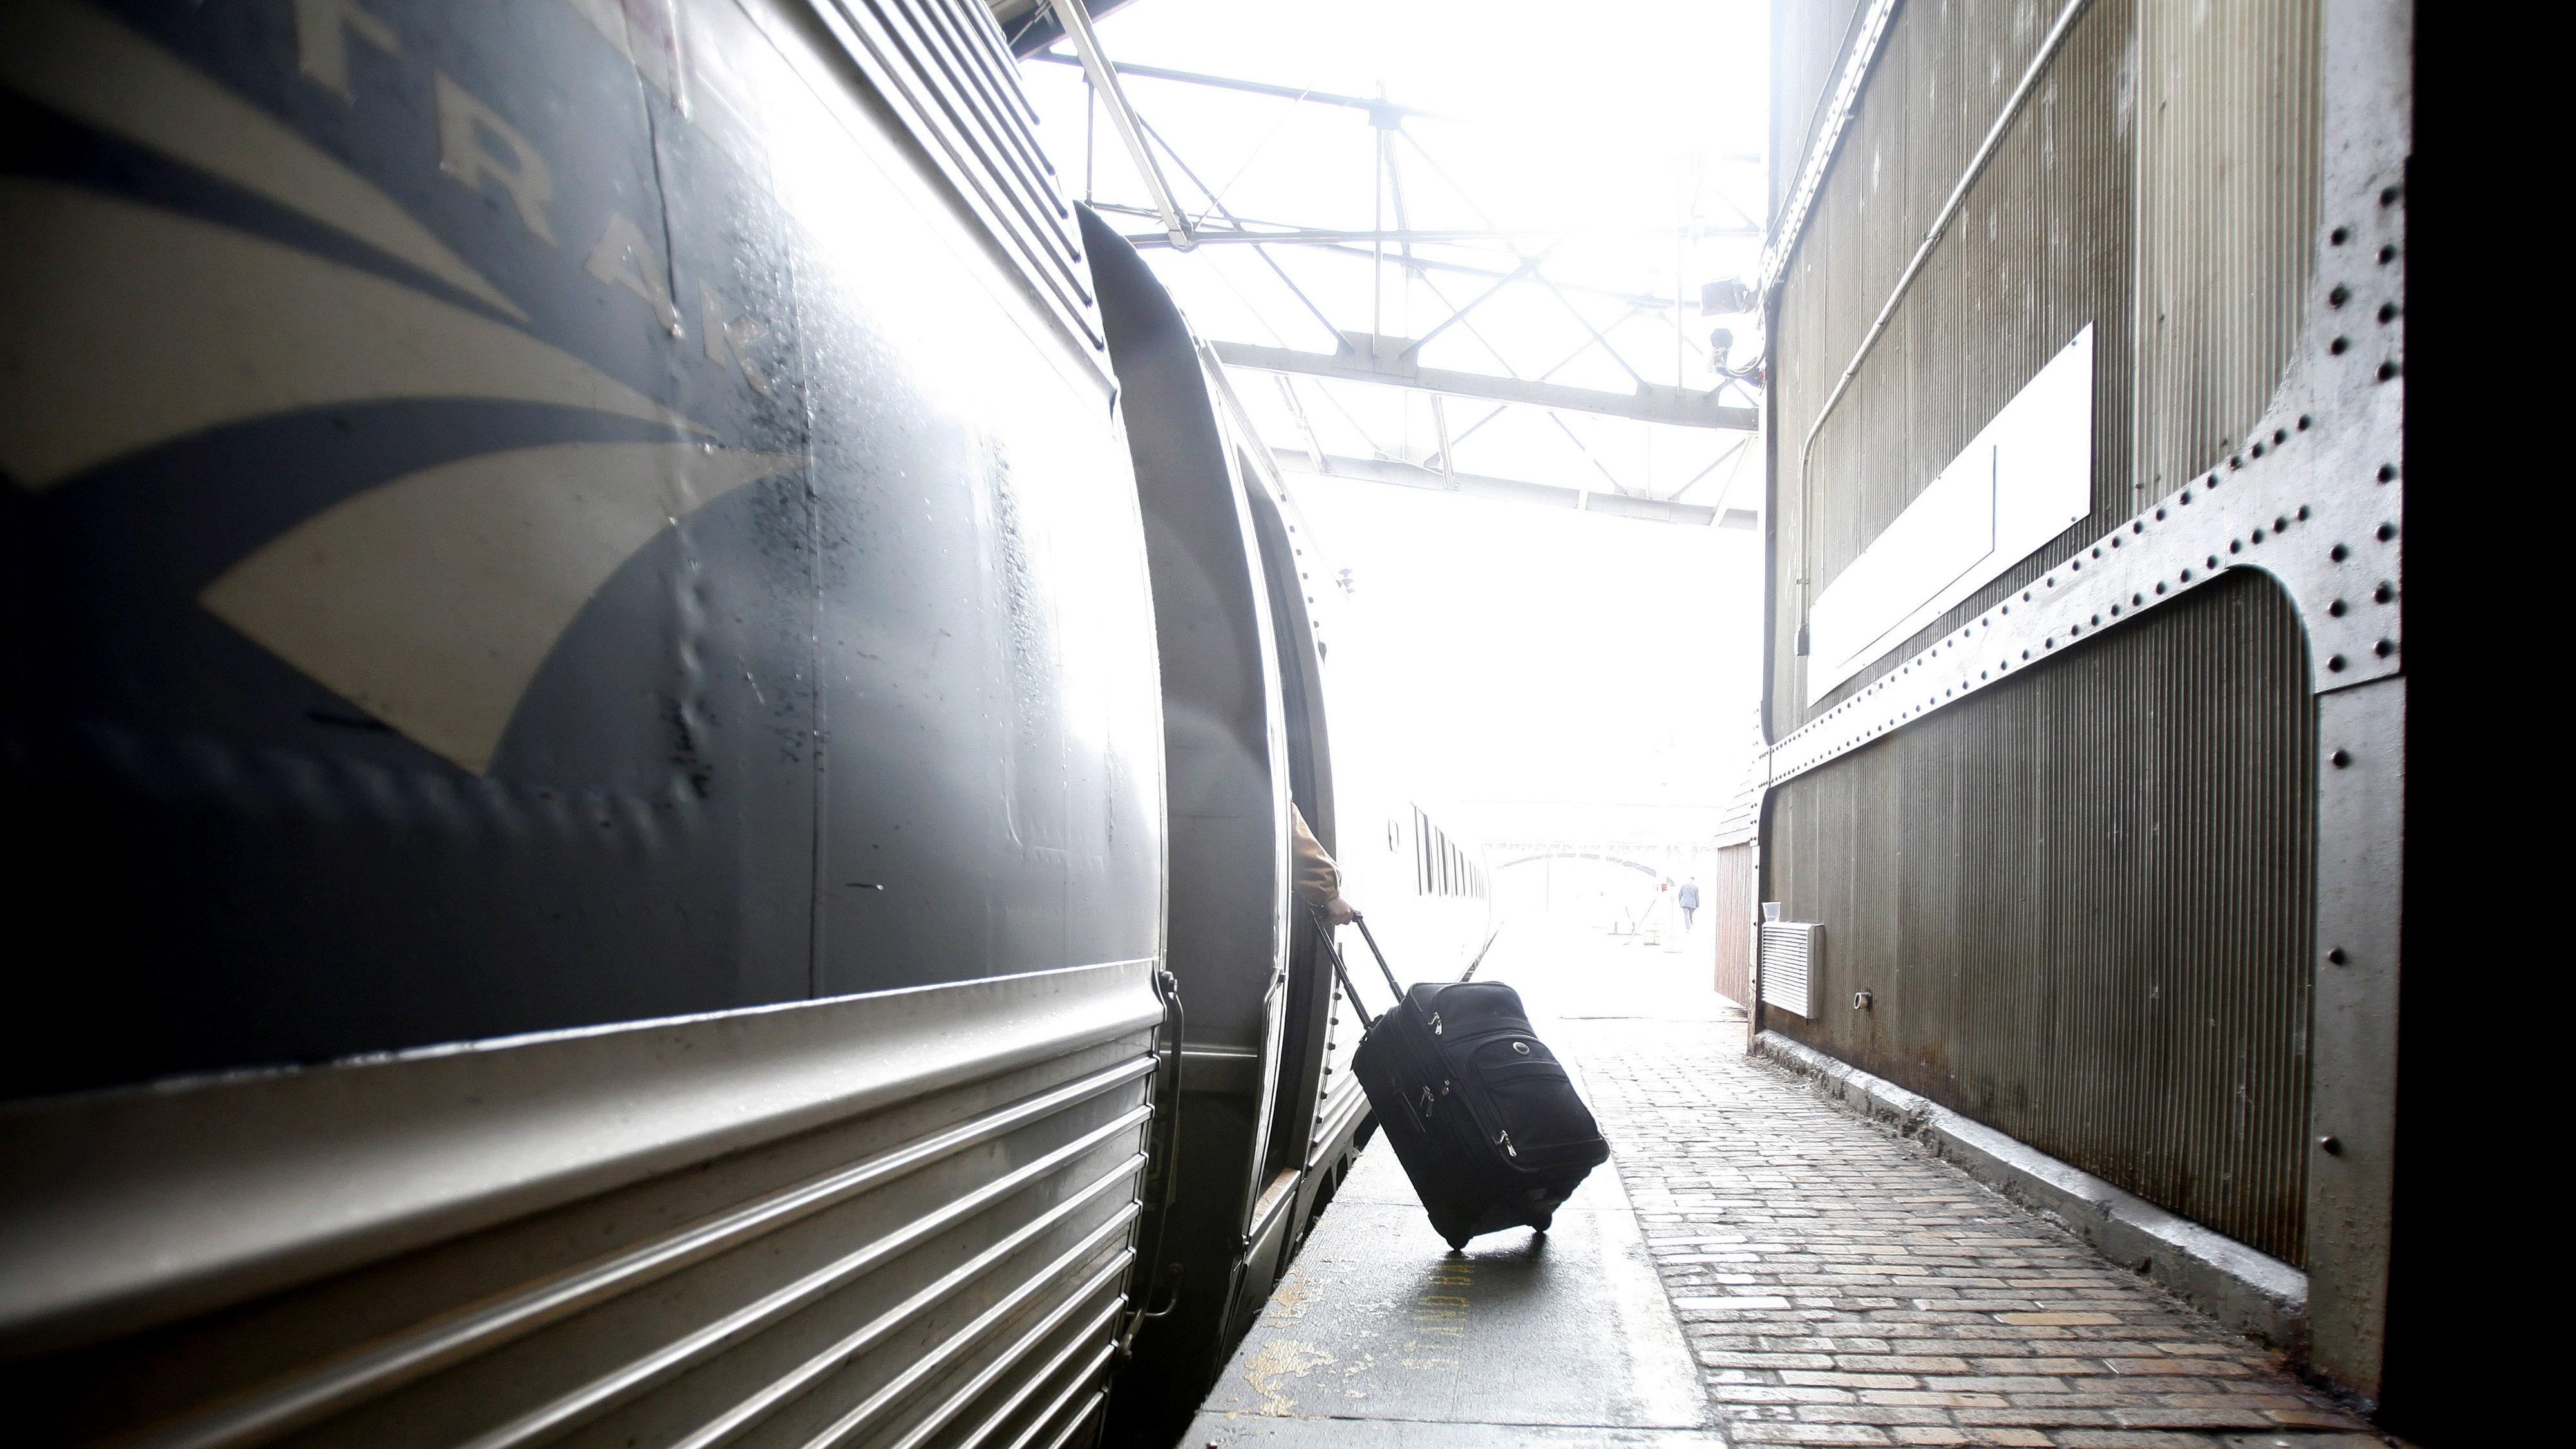 Luggage boarding a train